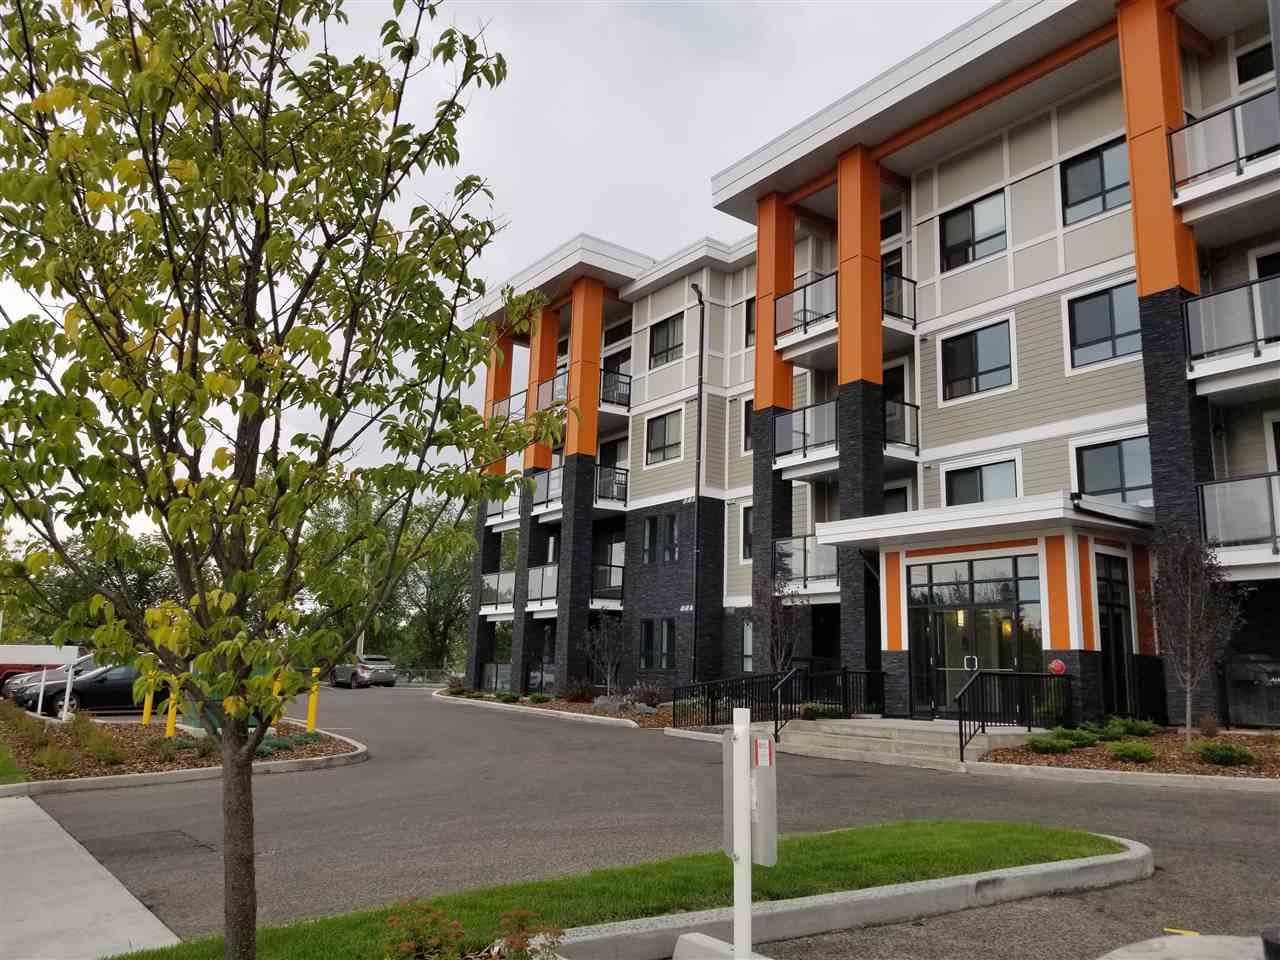 Main Photo: 105 17 COLUMBIA Avenue W: Devon Condo for sale : MLS®# E4203915